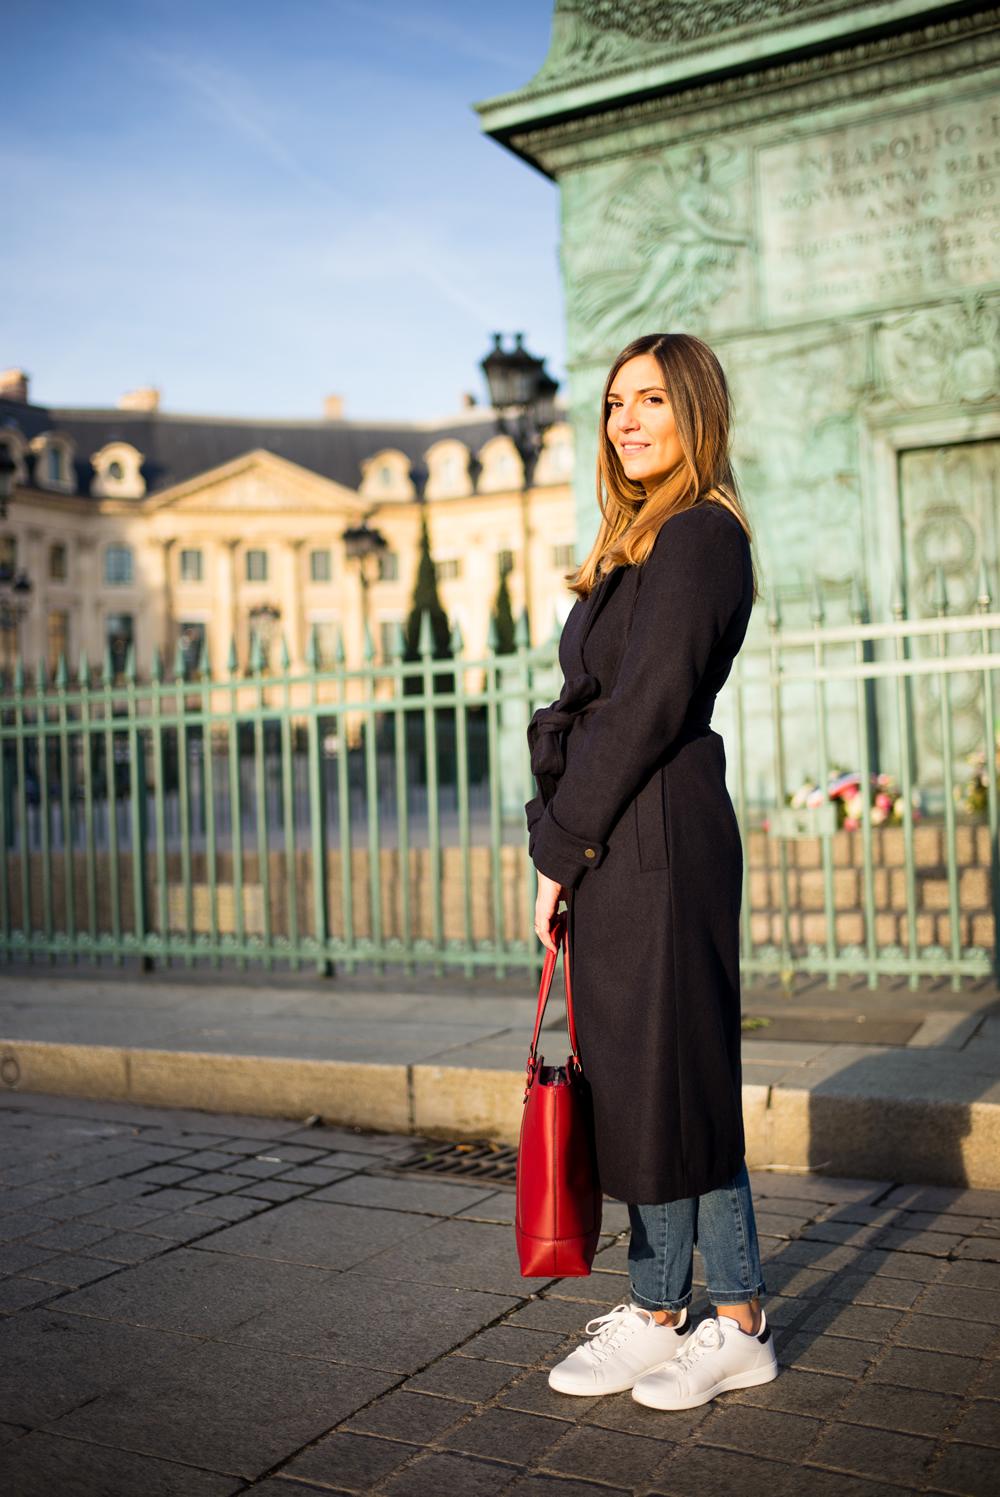 comment-porter-le-manteau-longueur-xxl